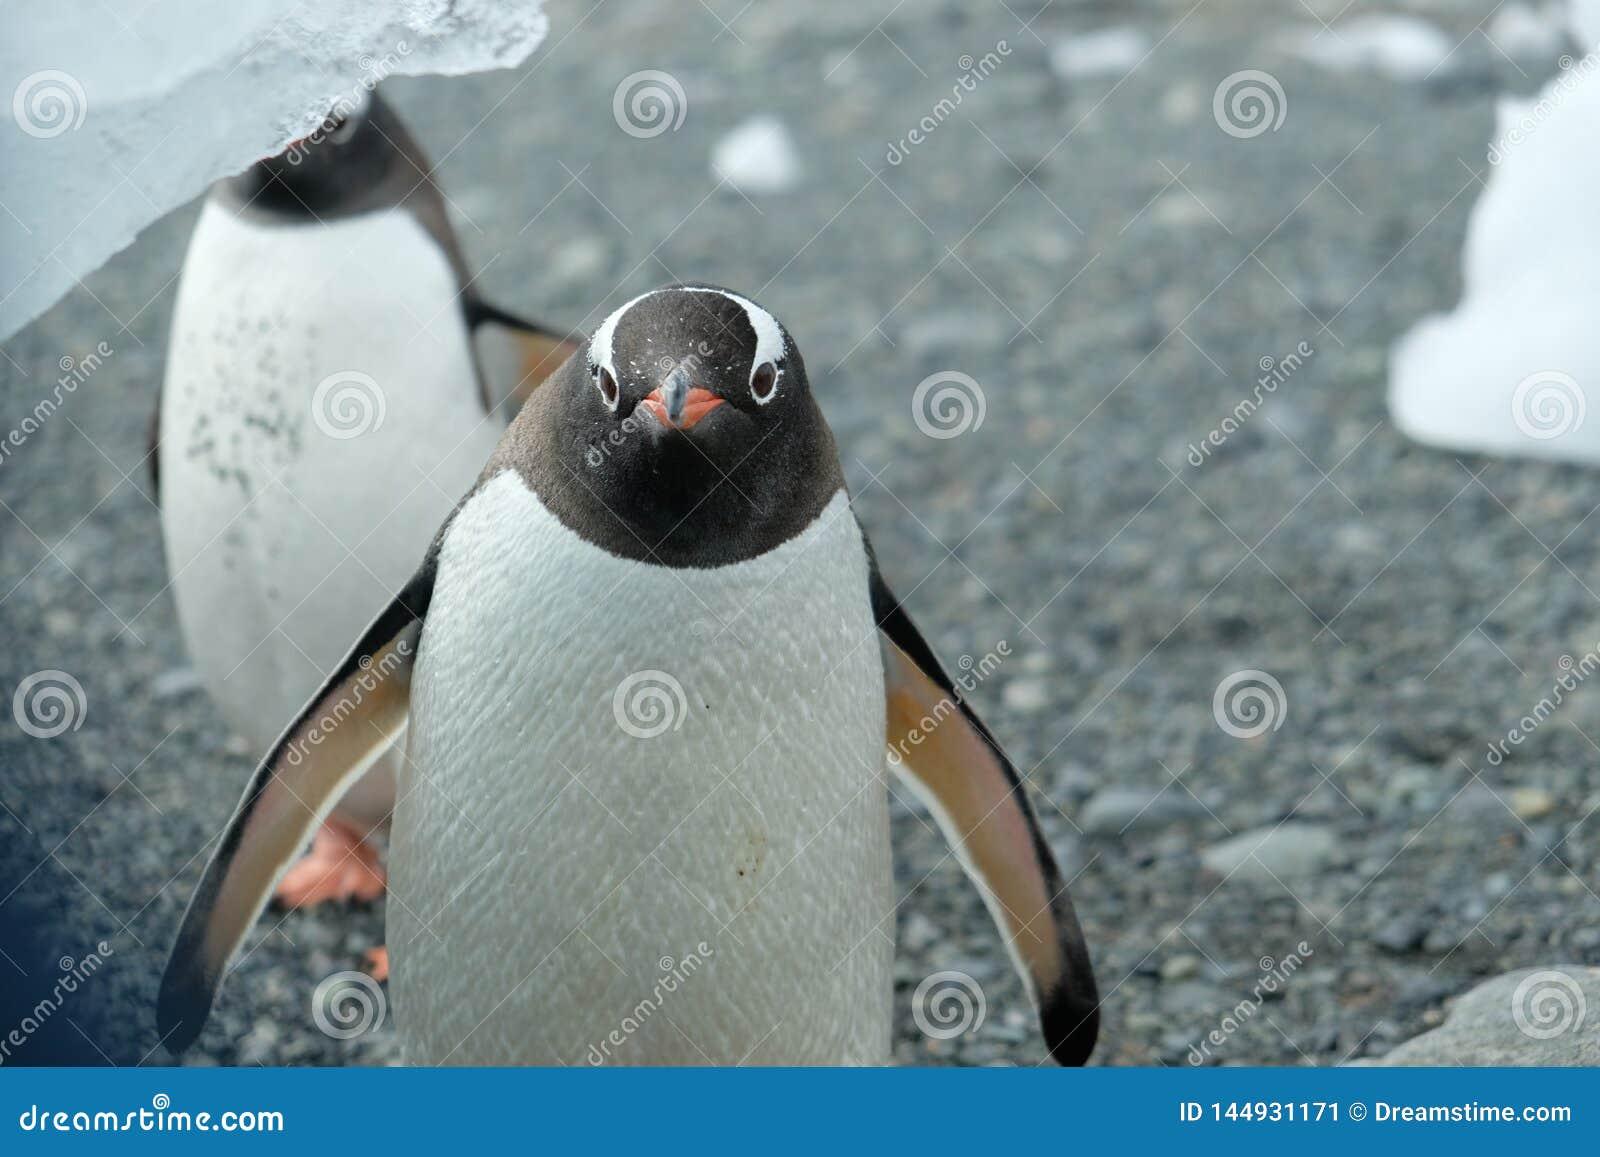 Ανταρκτική Gentoo penguins περίεργα που προσέχει από κάτω από ένα παγόβουνο